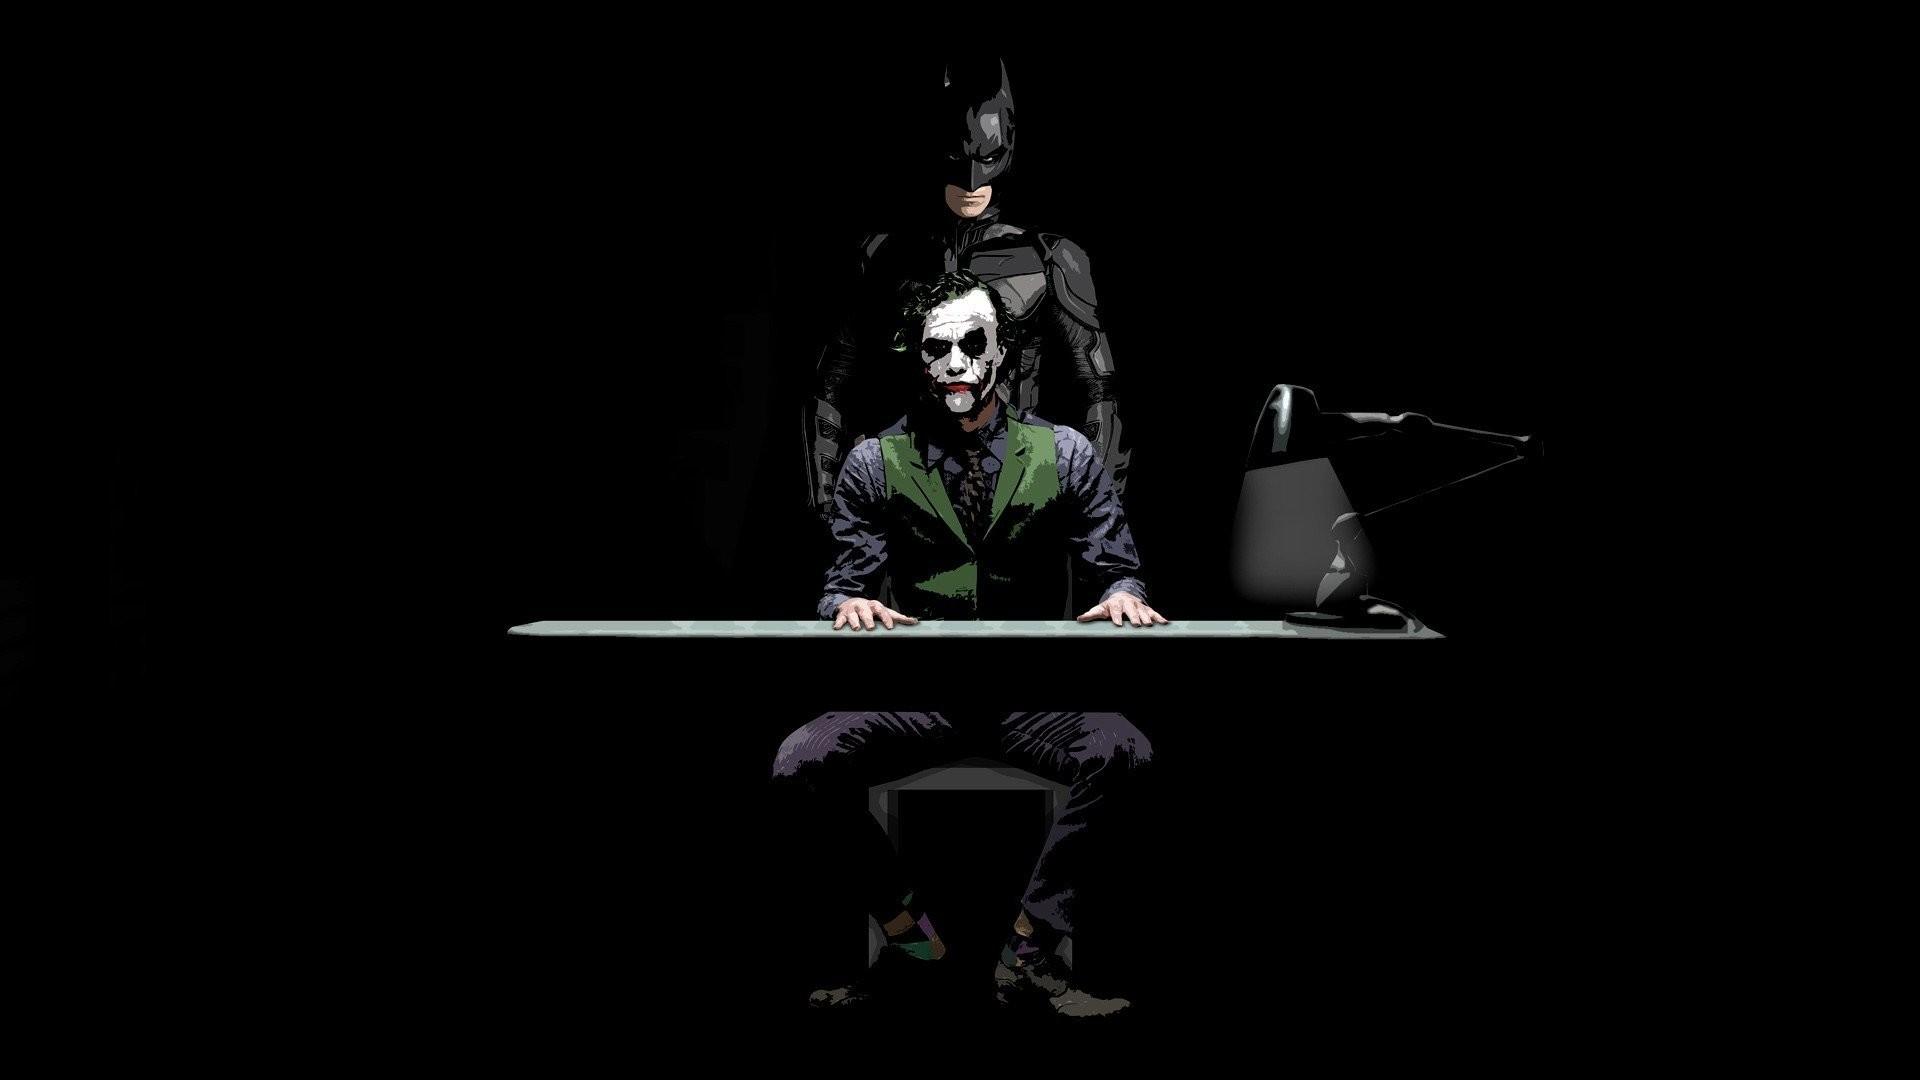 Joker Dark Knight Wallpaper (69+ images)